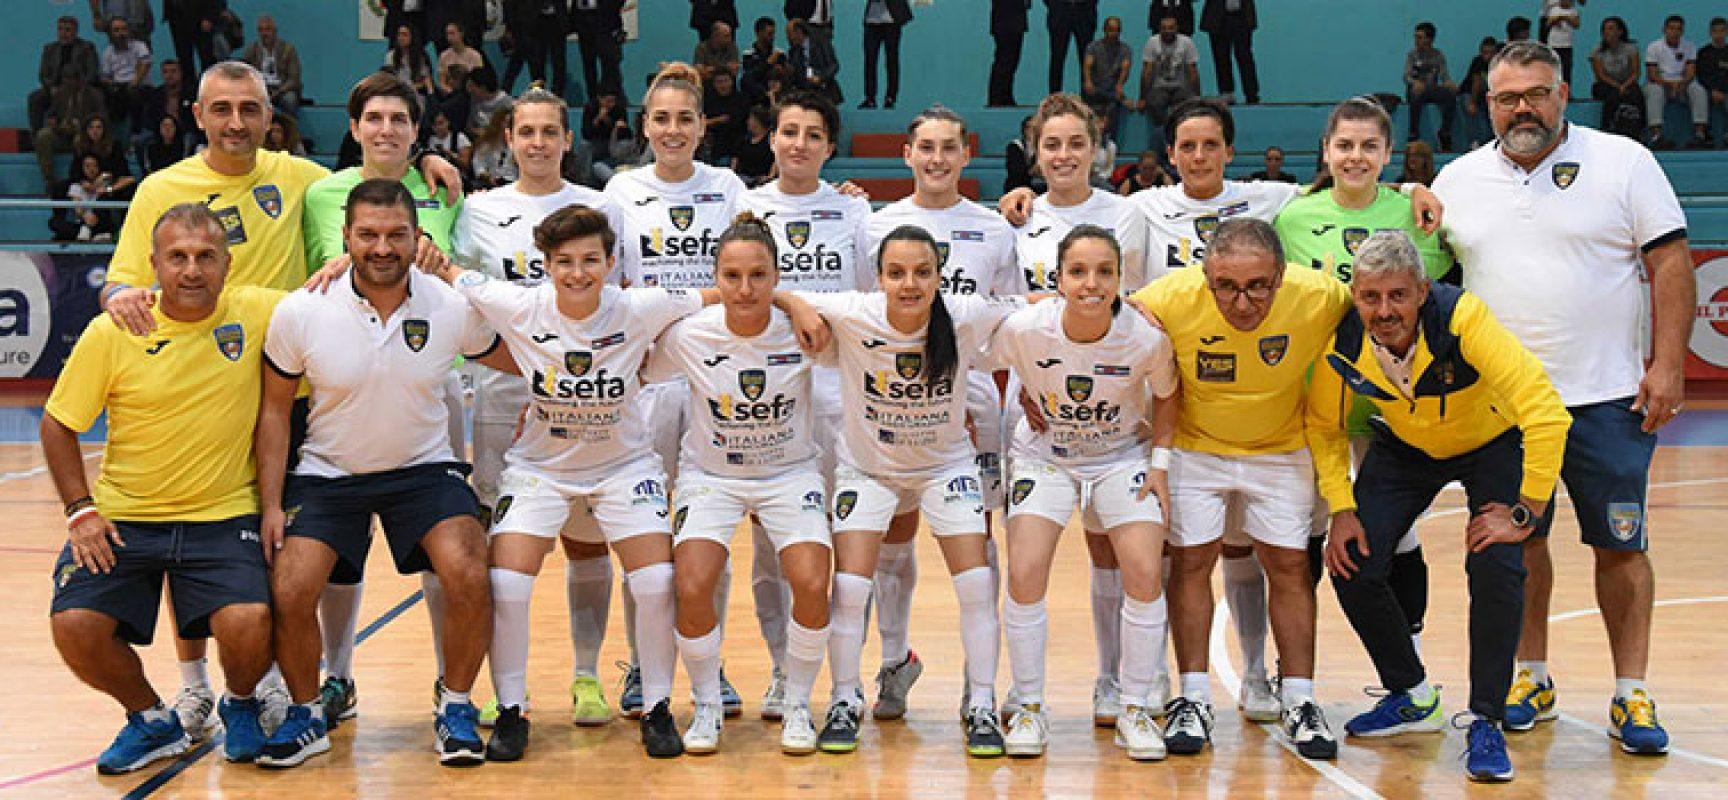 Bisceglie Femminile sconfitto nel derby pugliese con il Real Statte